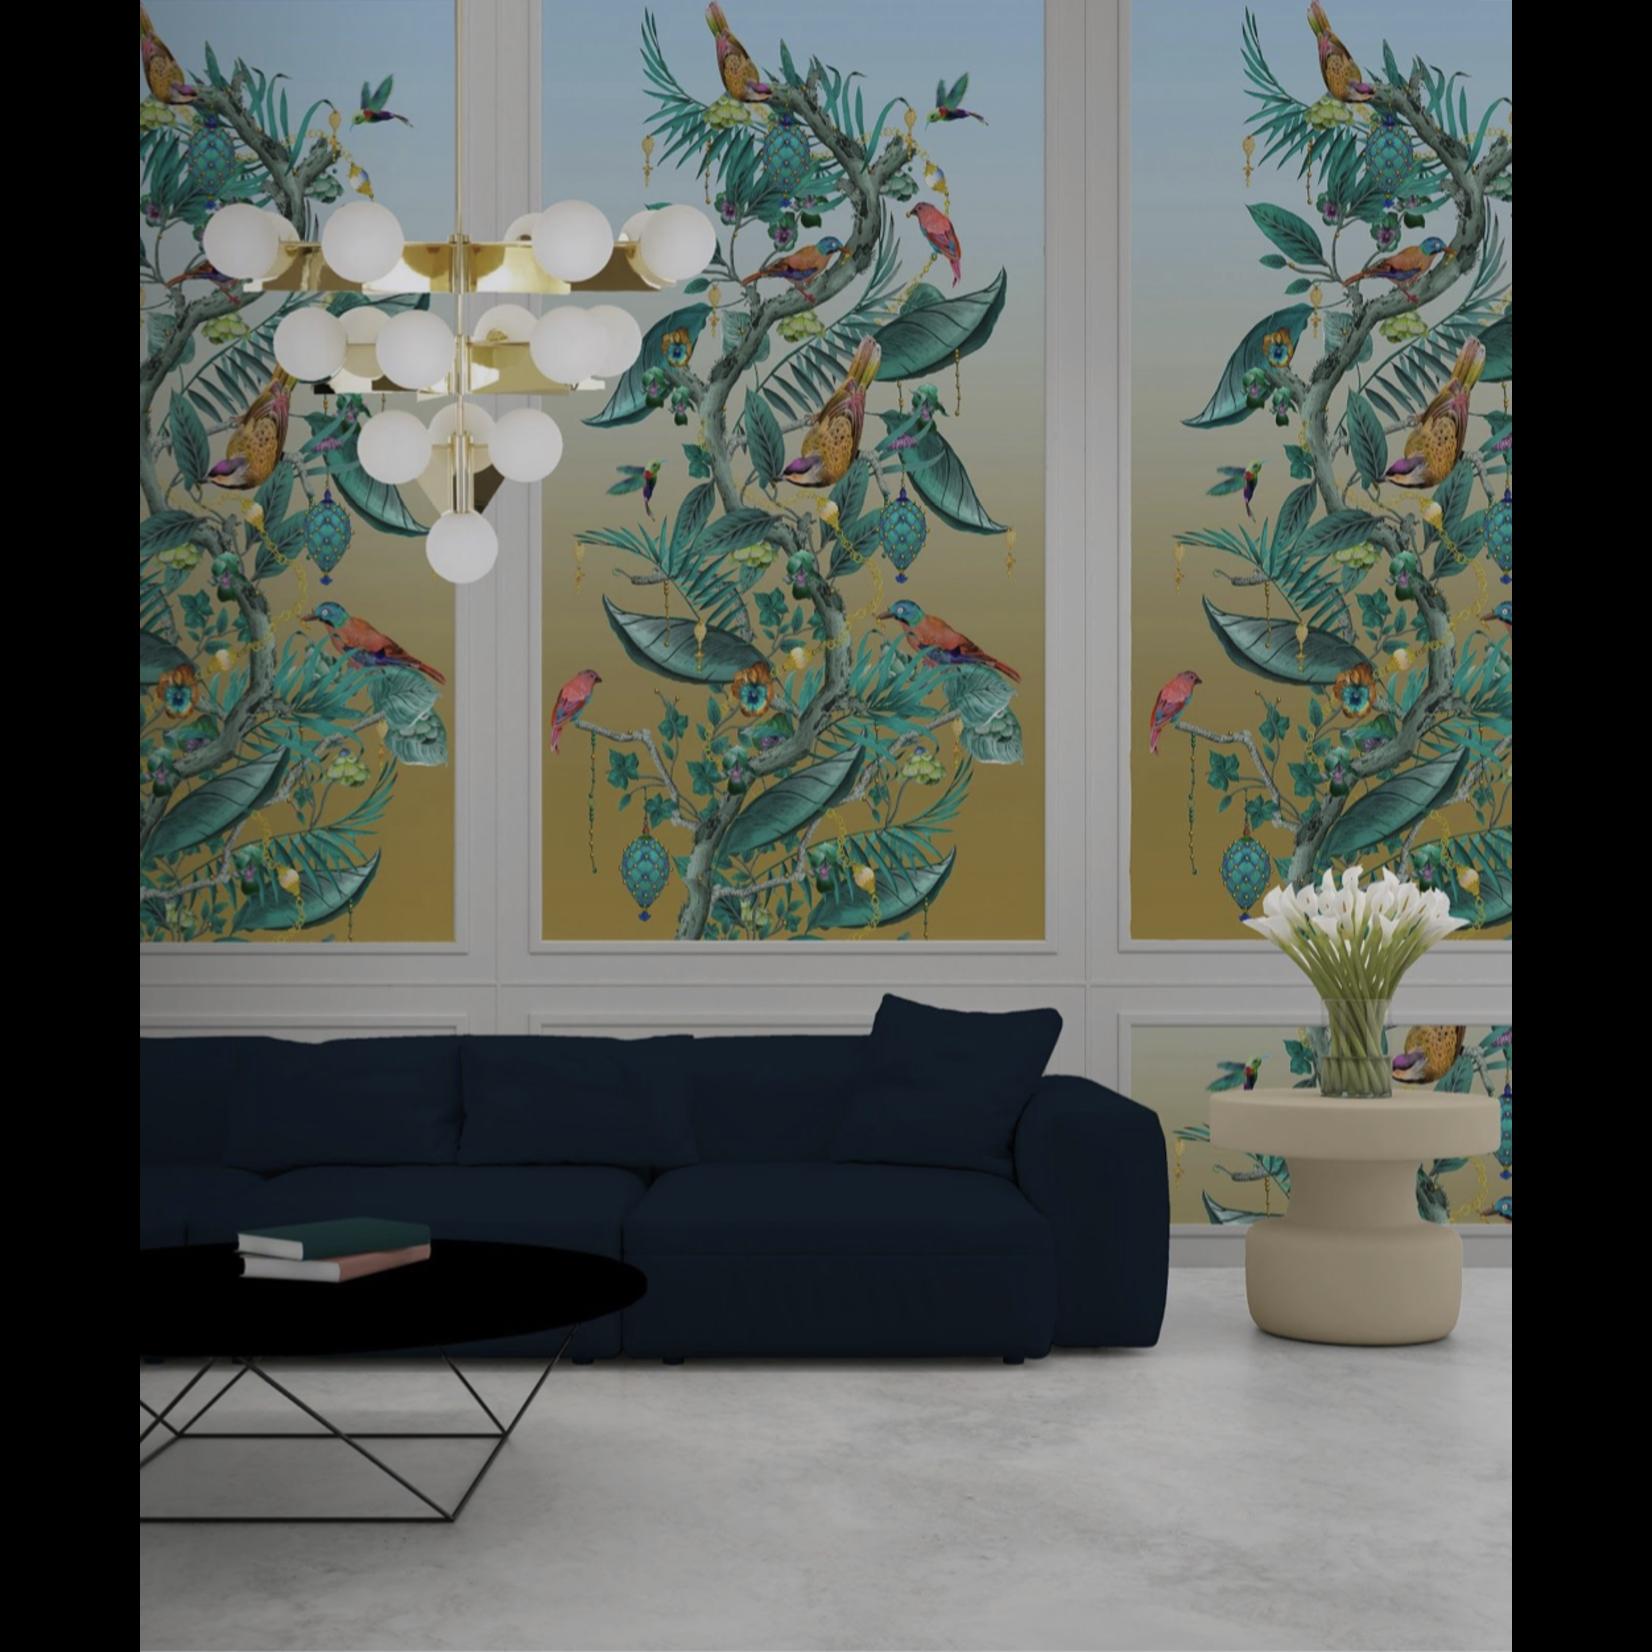 Kit Miles Botanica ecclésiastique   Bleu sarcelle / ciel